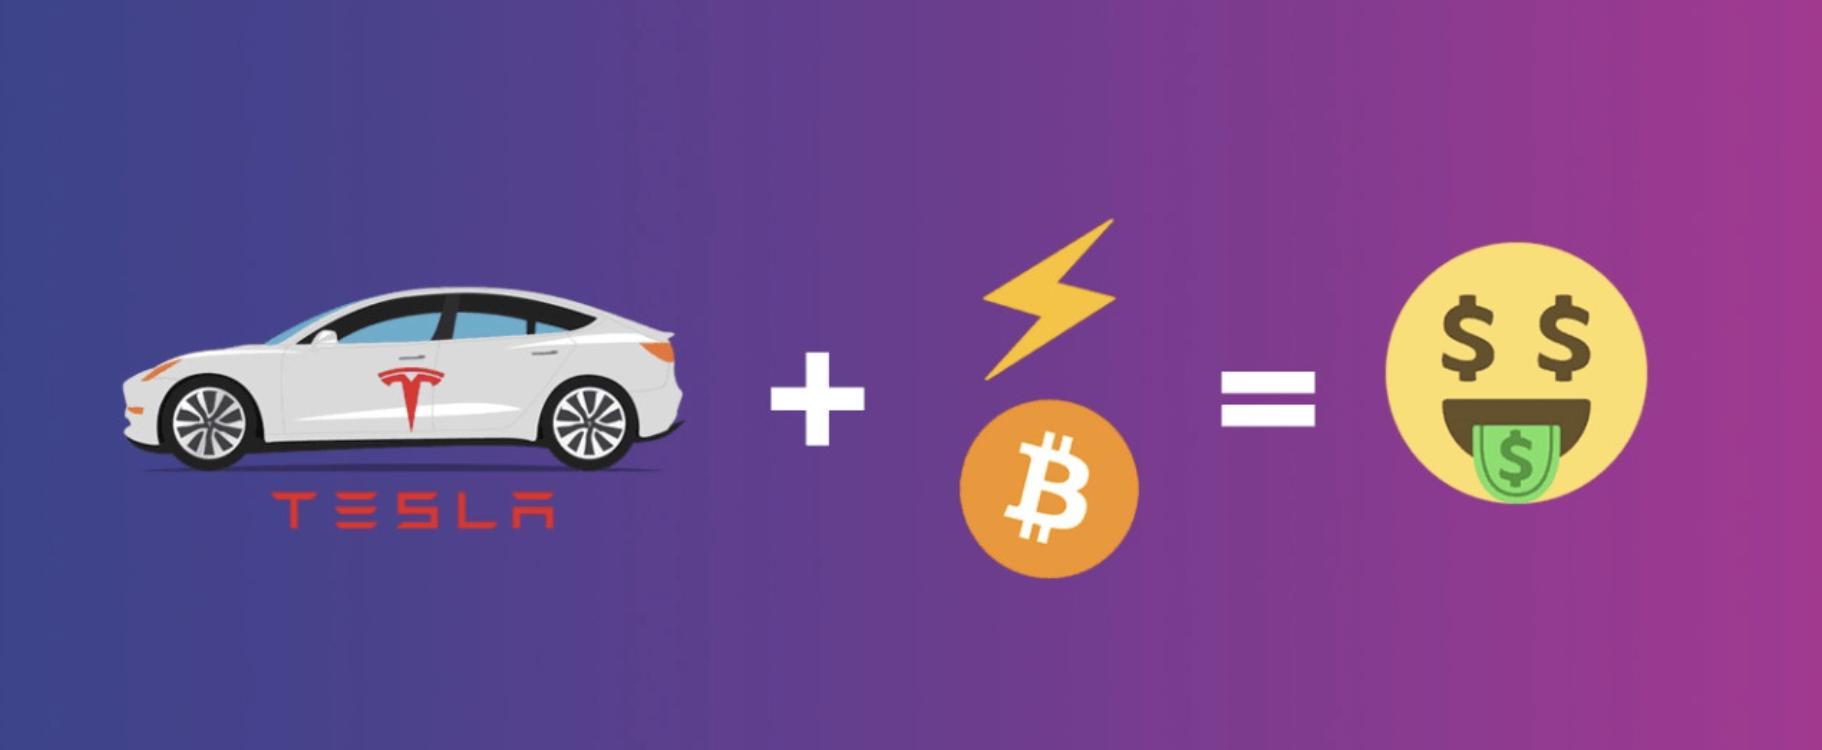 Tesla bitcoin befektetés I Cryptofalka